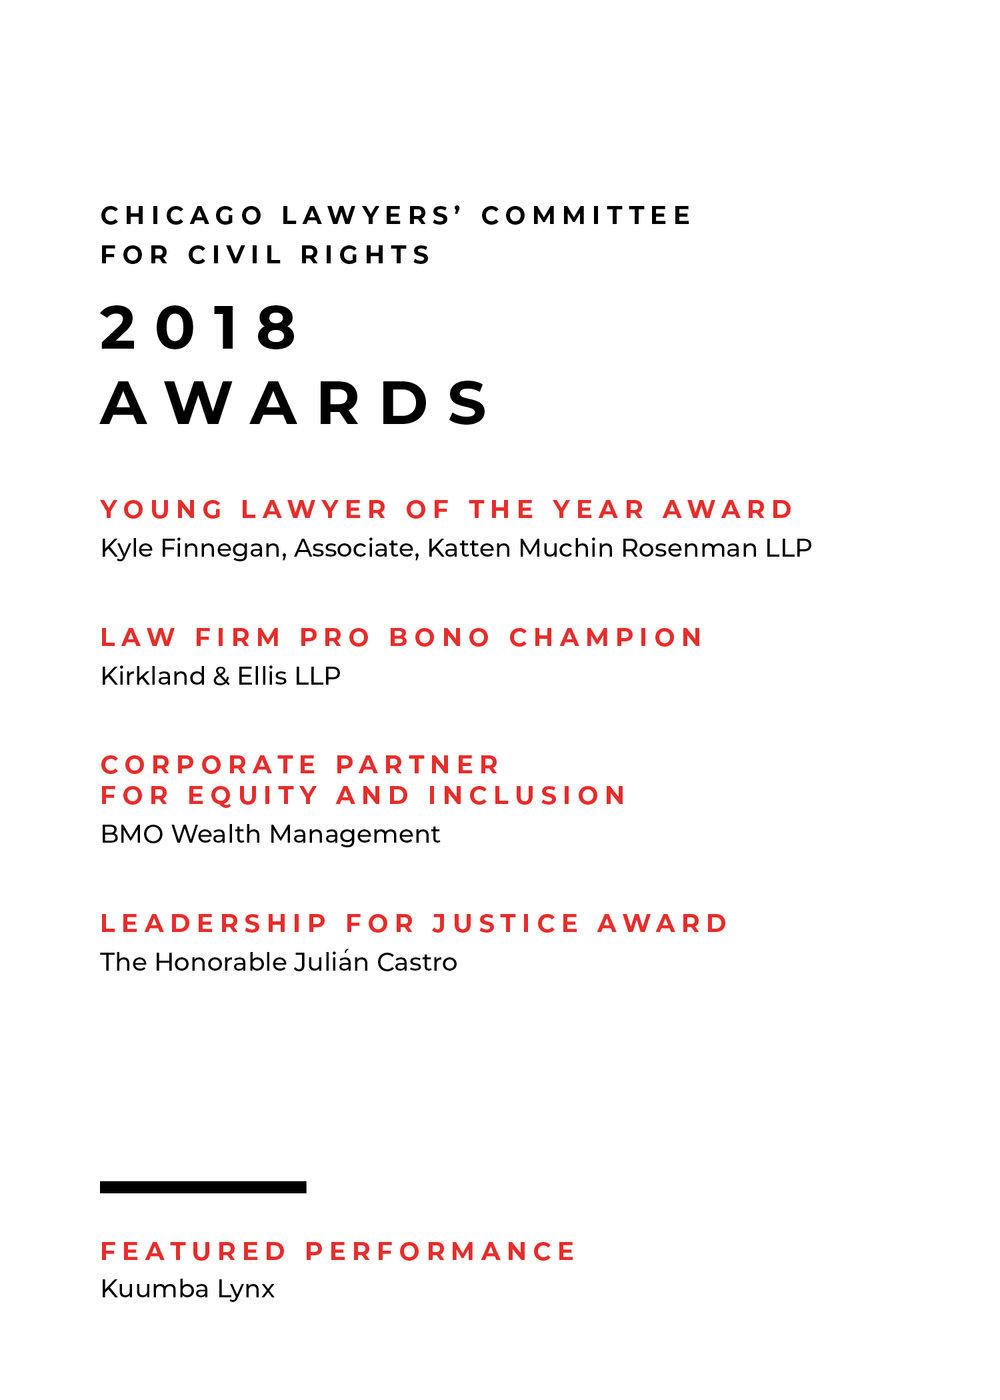 CLC2018_invitation_awards_v2.jpg